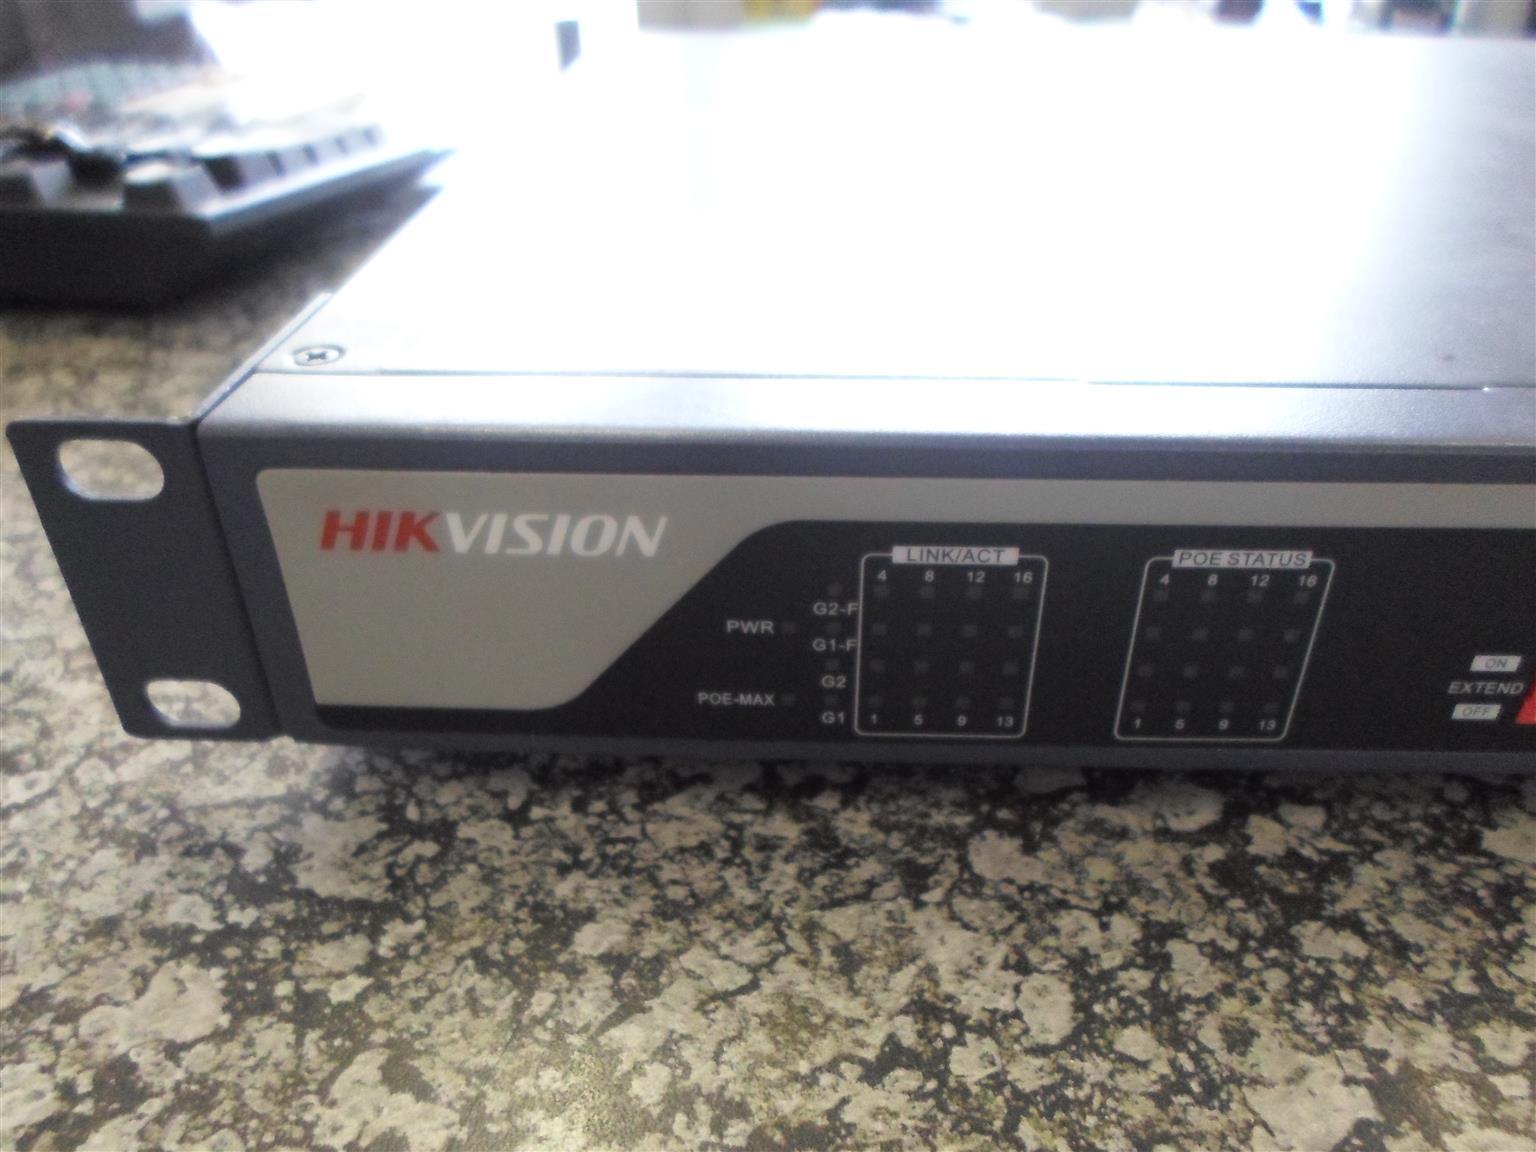 Hikvision Radio Control